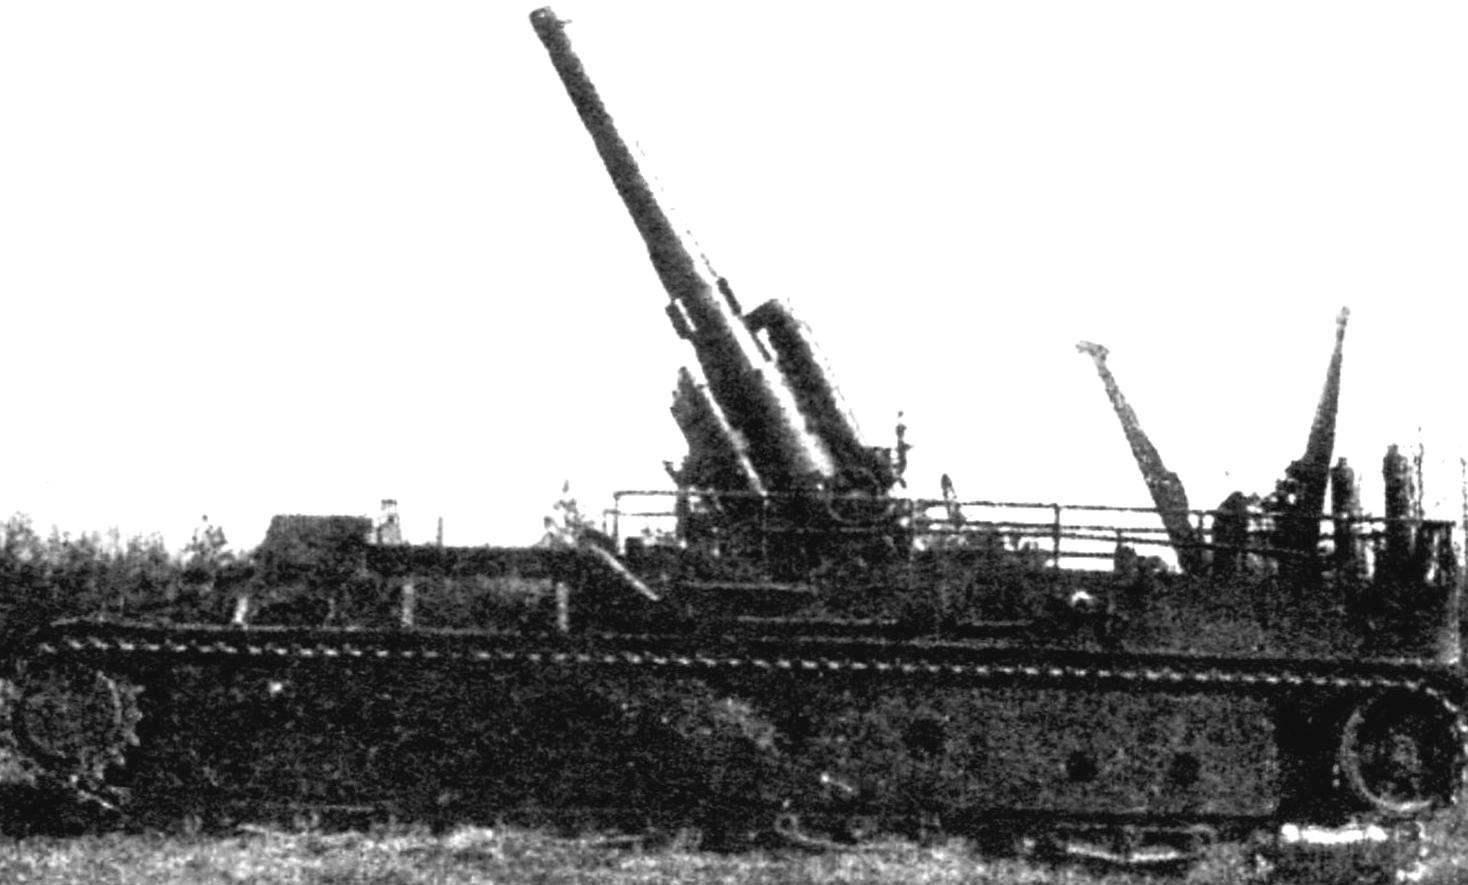 Пушка установки поднята на максимальный угол вертикального наведения, равный 60°